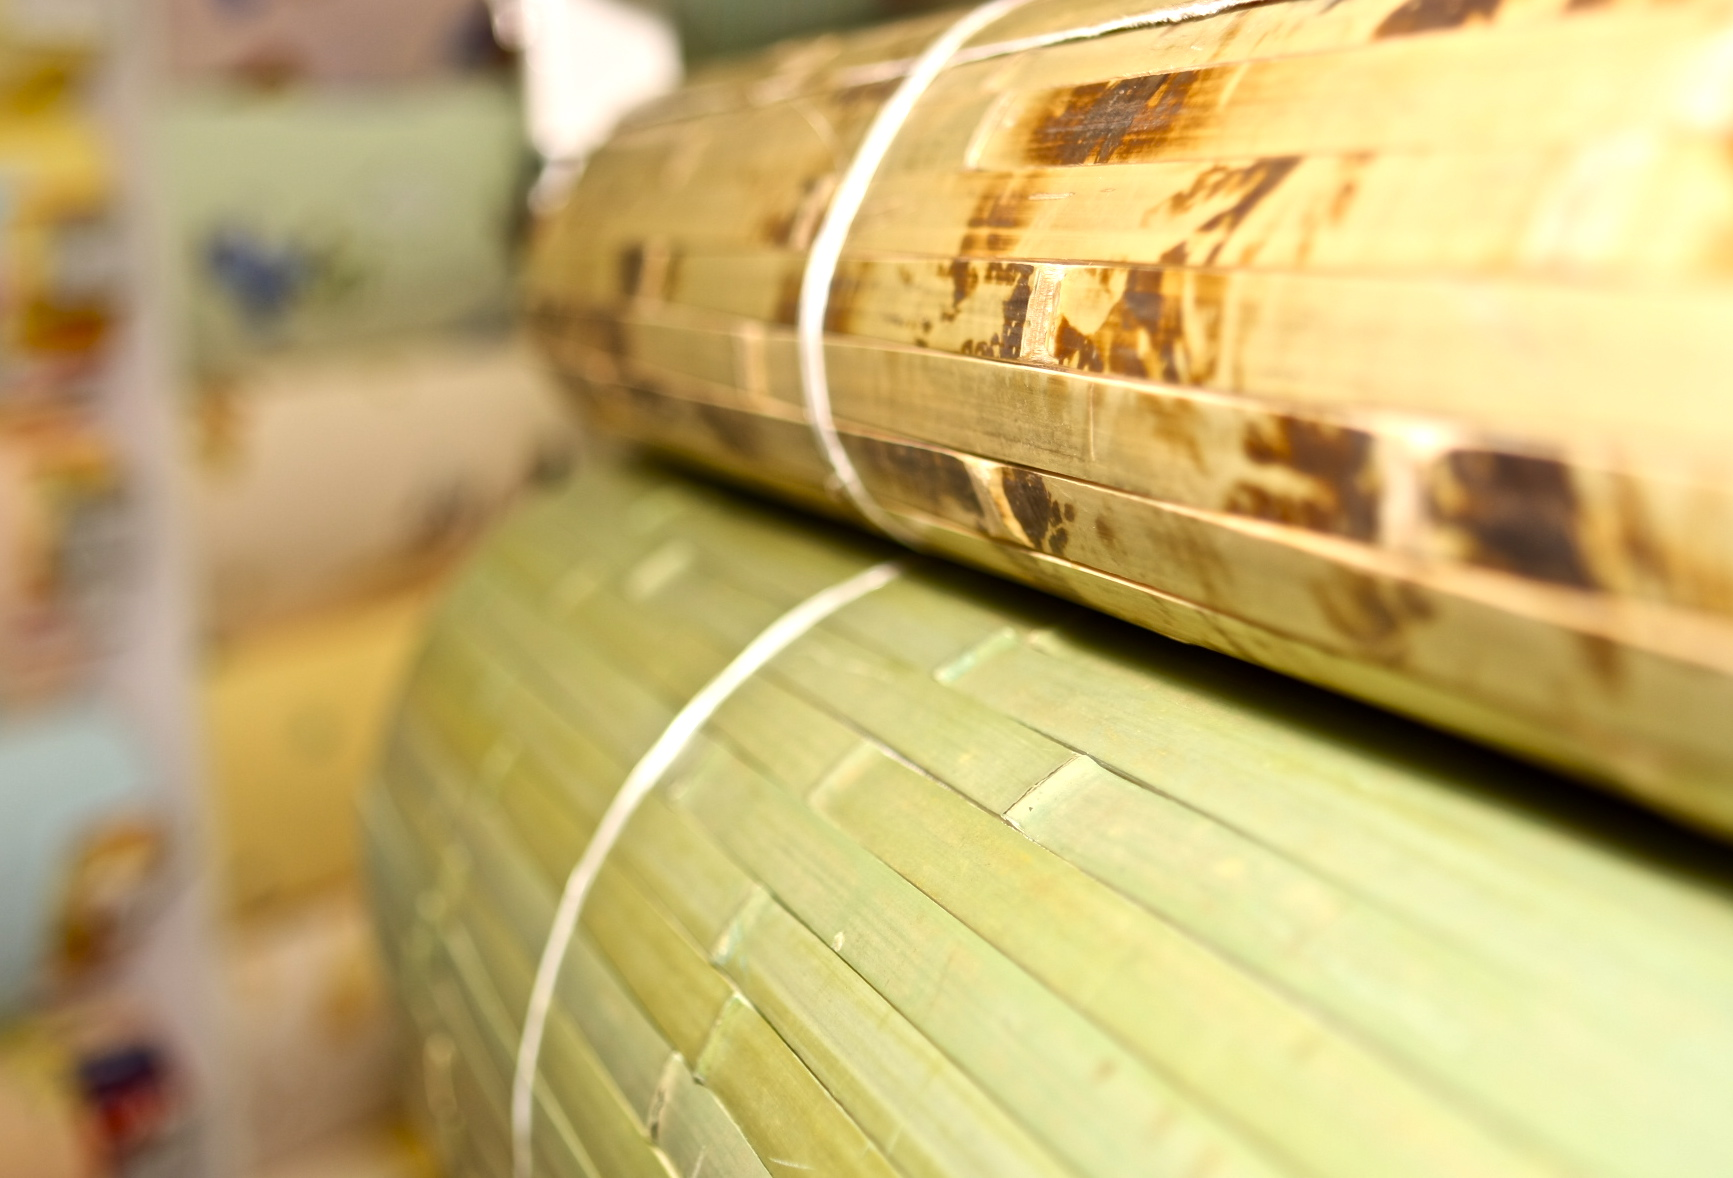 Бамбуковые обои: оригинальное решение для квартирного интерьера